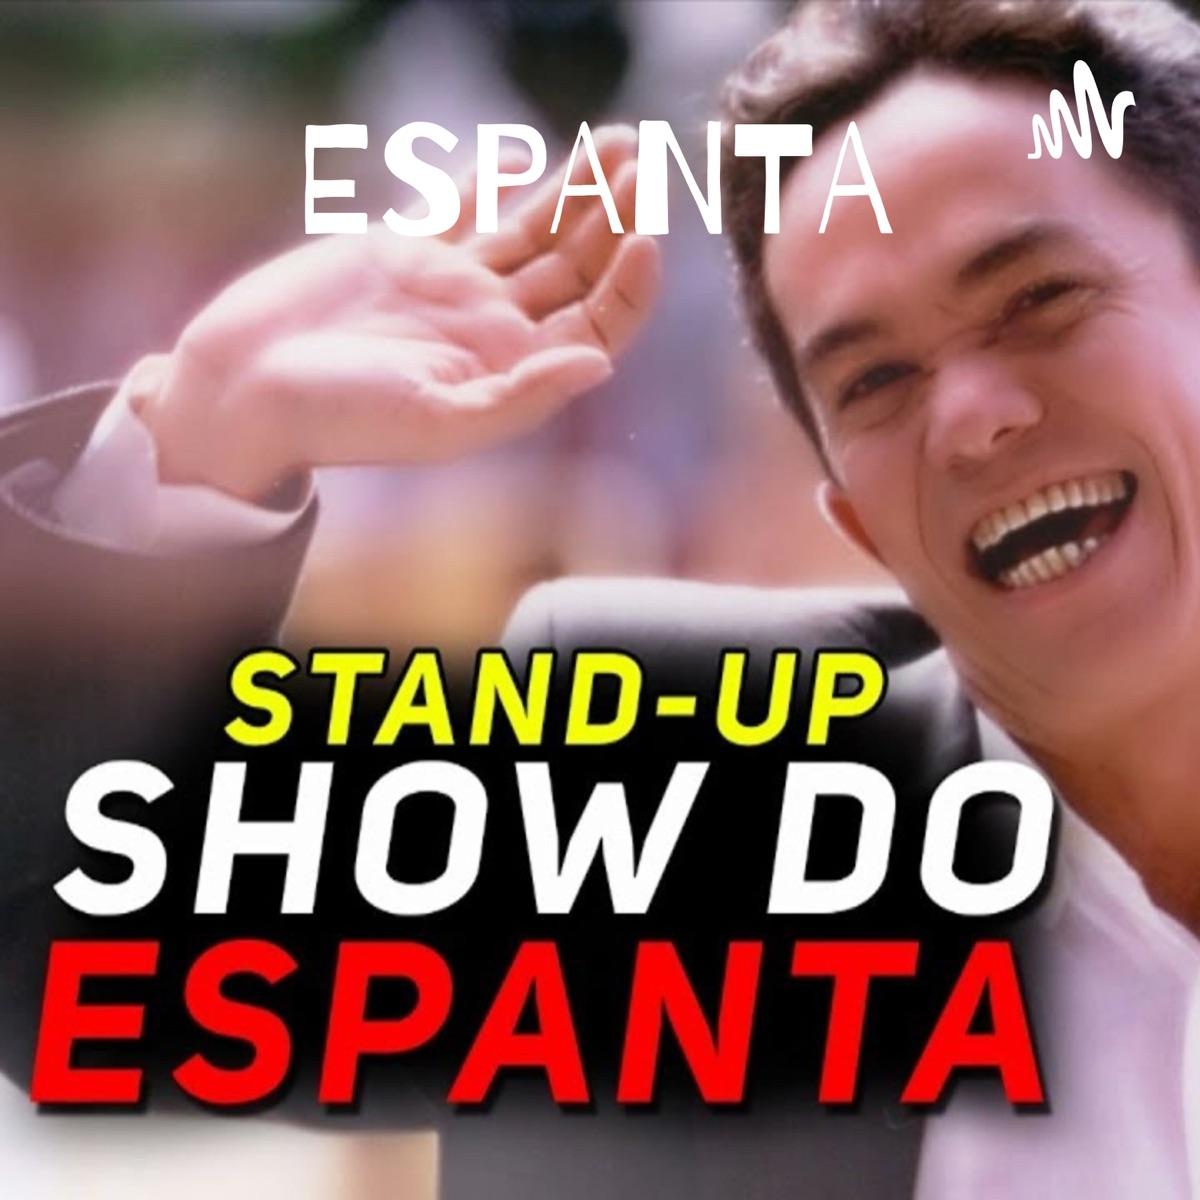 ESPANTA - SHOW DE STAND-UP